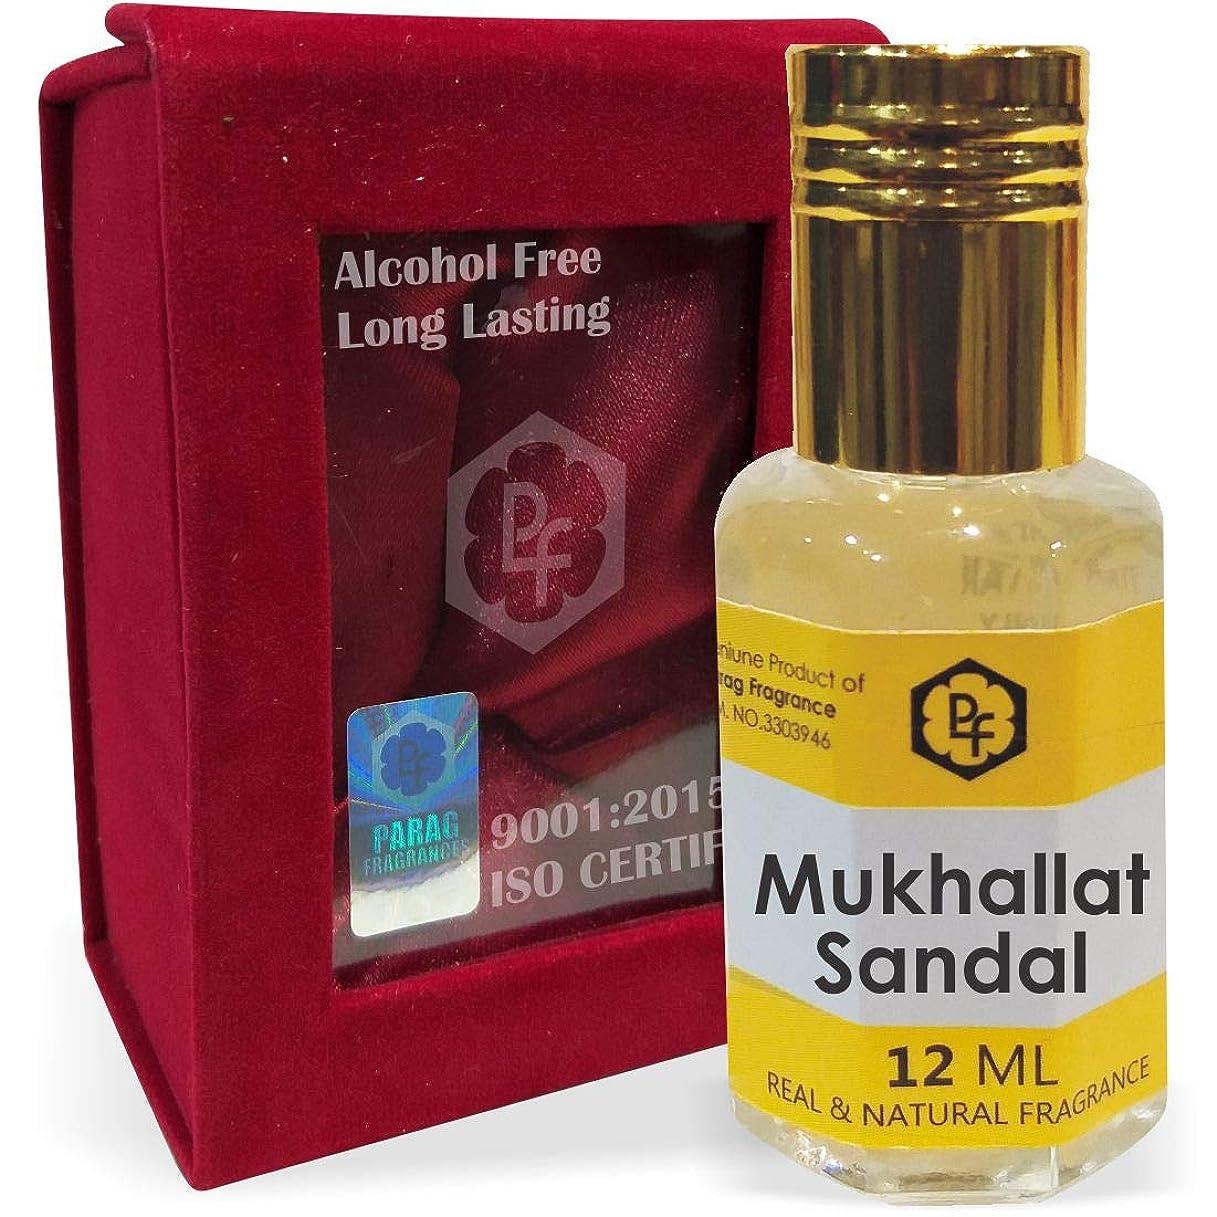 キリンコーン代替案ParagフレグランスMukhallat手作りベルベットボックス付サンダル12ミリリットルアター/香水(インドの伝統的なBhapka処理方法により、インド製)オイル/フレグランスオイル 長持ちアターITRA最高の品質